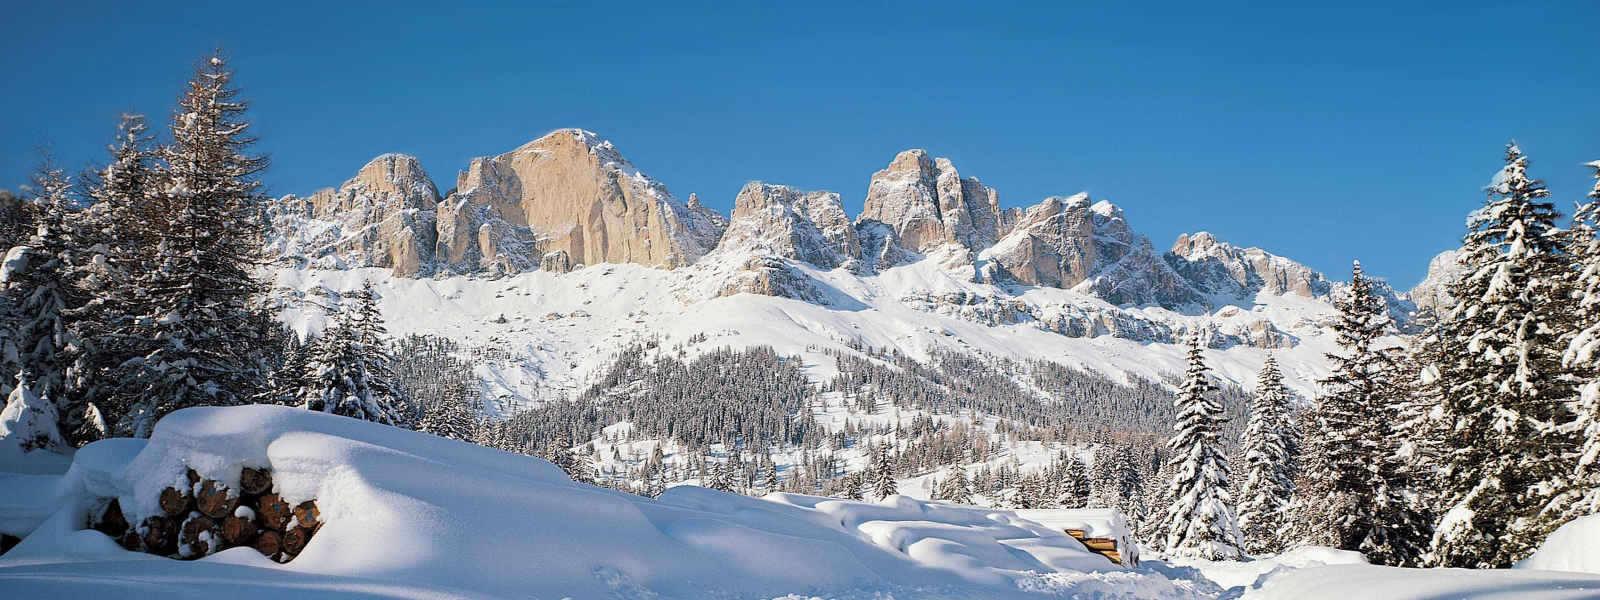 Appartamenti Trentino Vendita con reddito garantito 3% netto